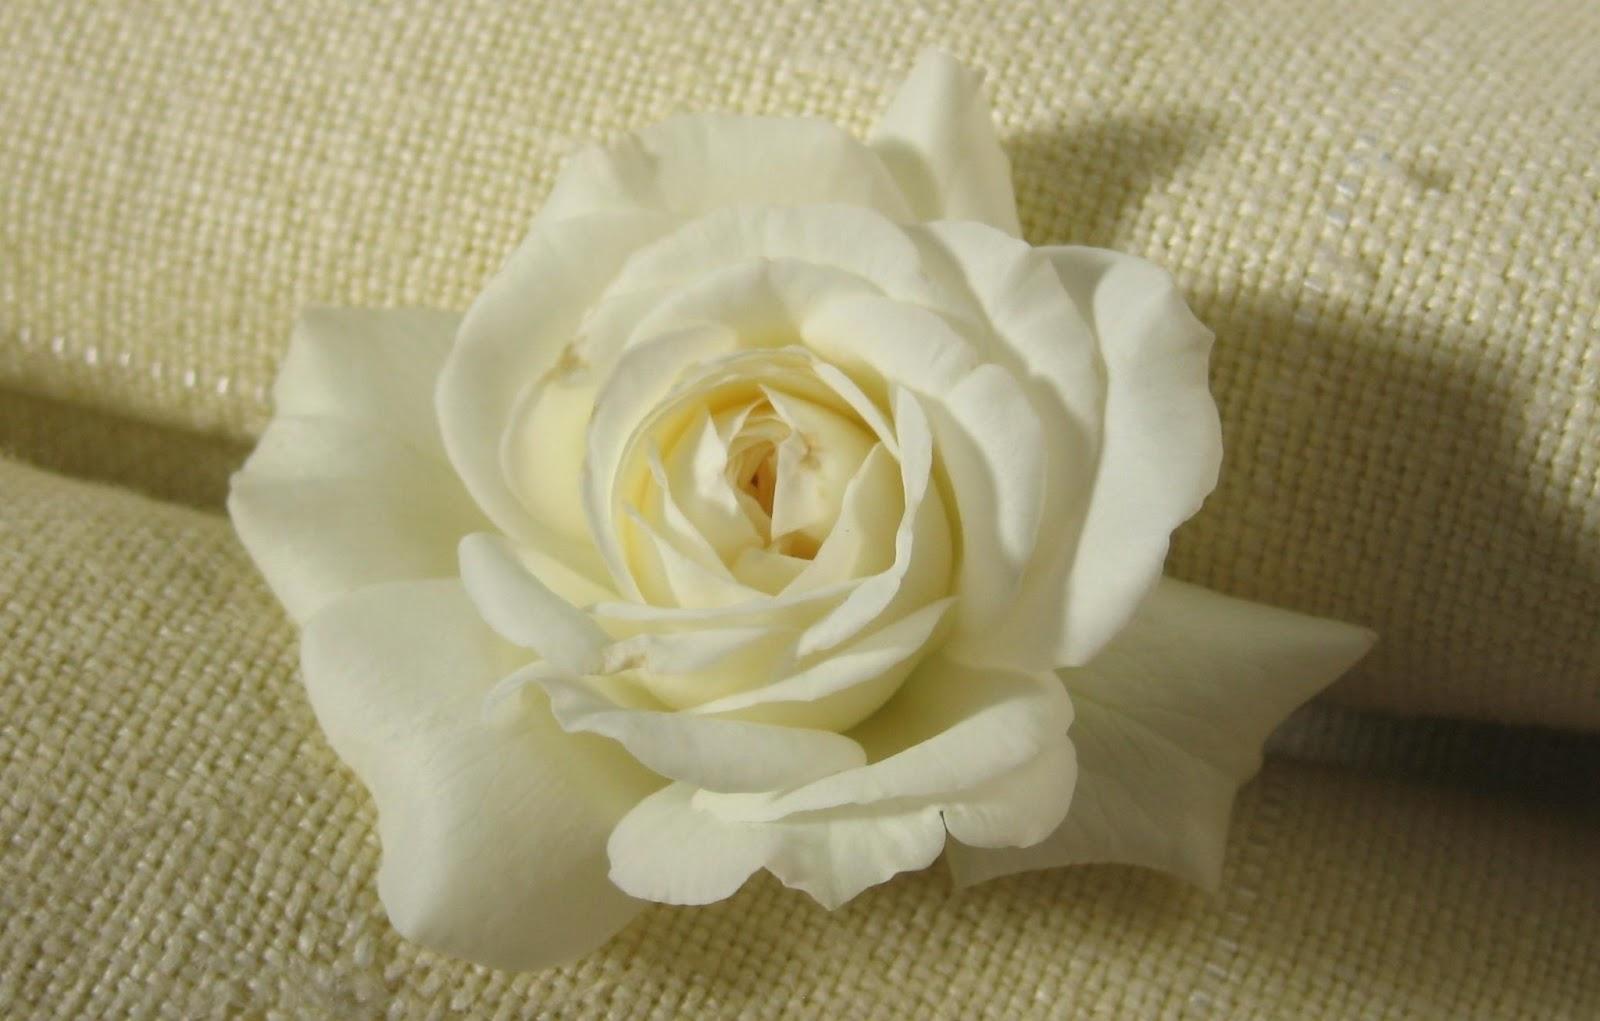 صور صور ورد ابيض روعه , خلفيات زهور بيضاء تجن